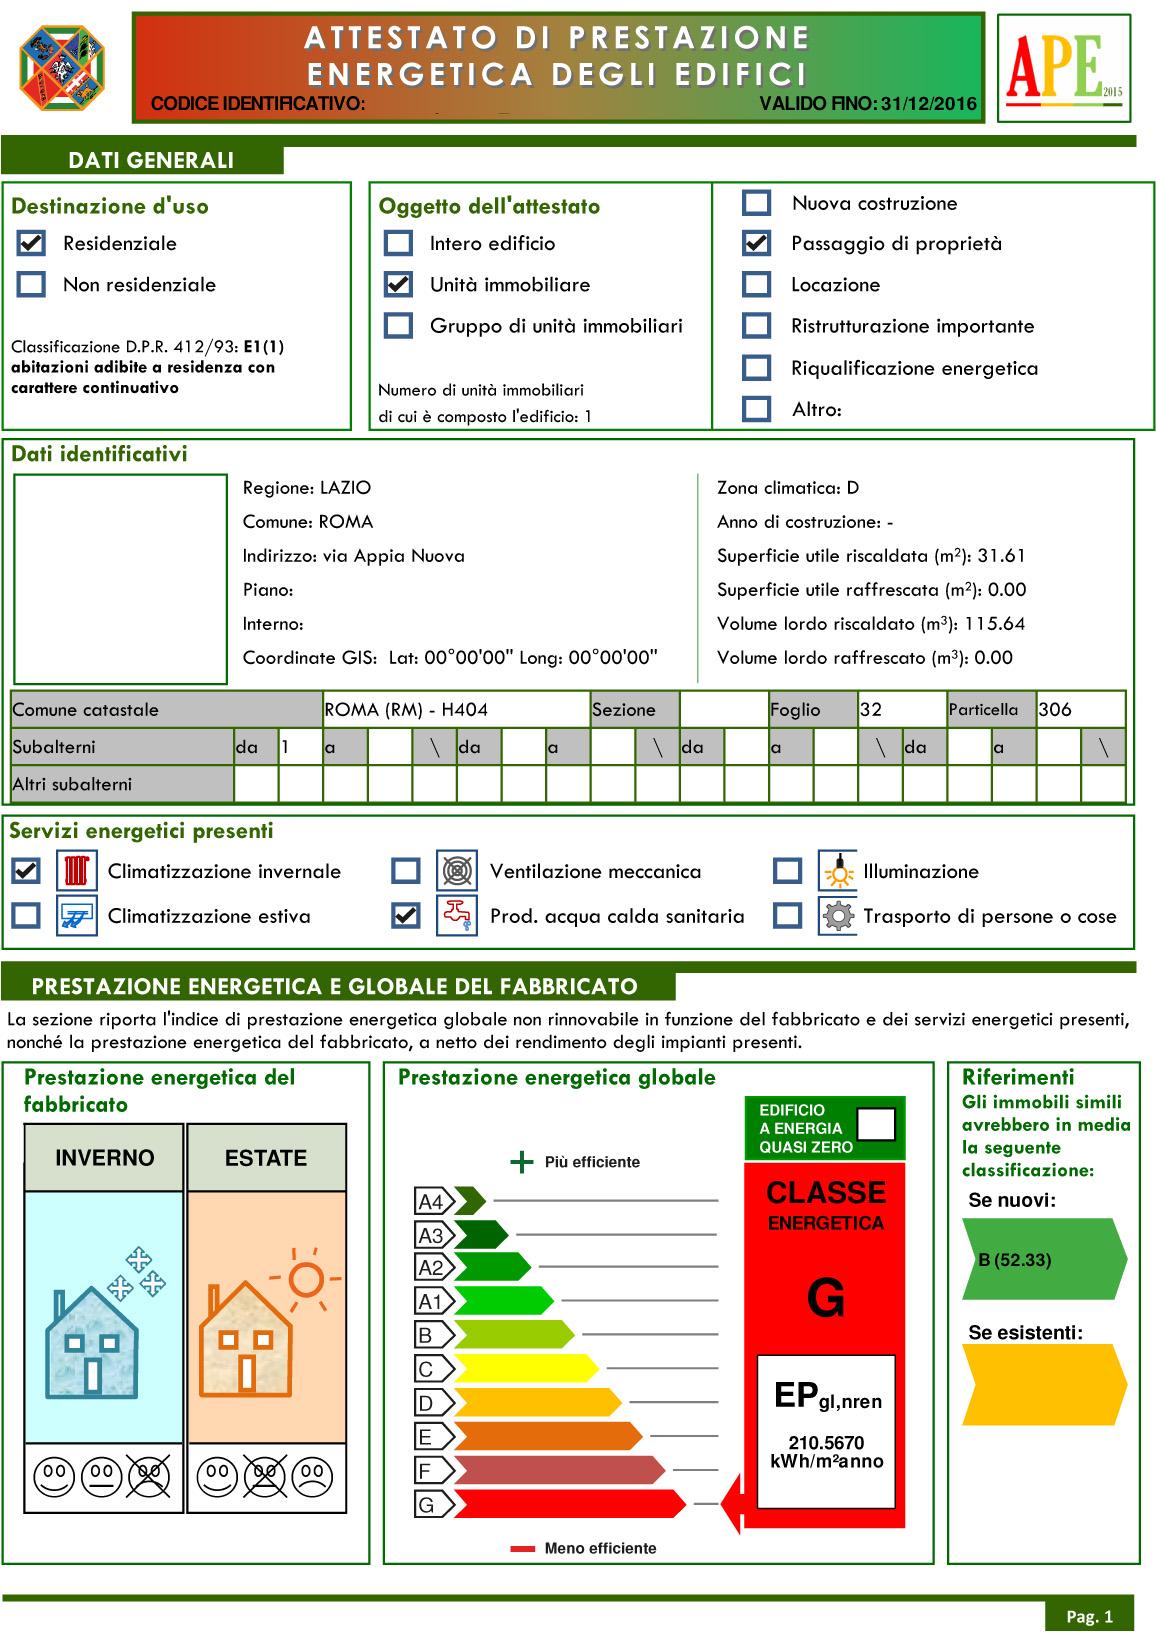 attestato ape certificato energetico roma 58 euro